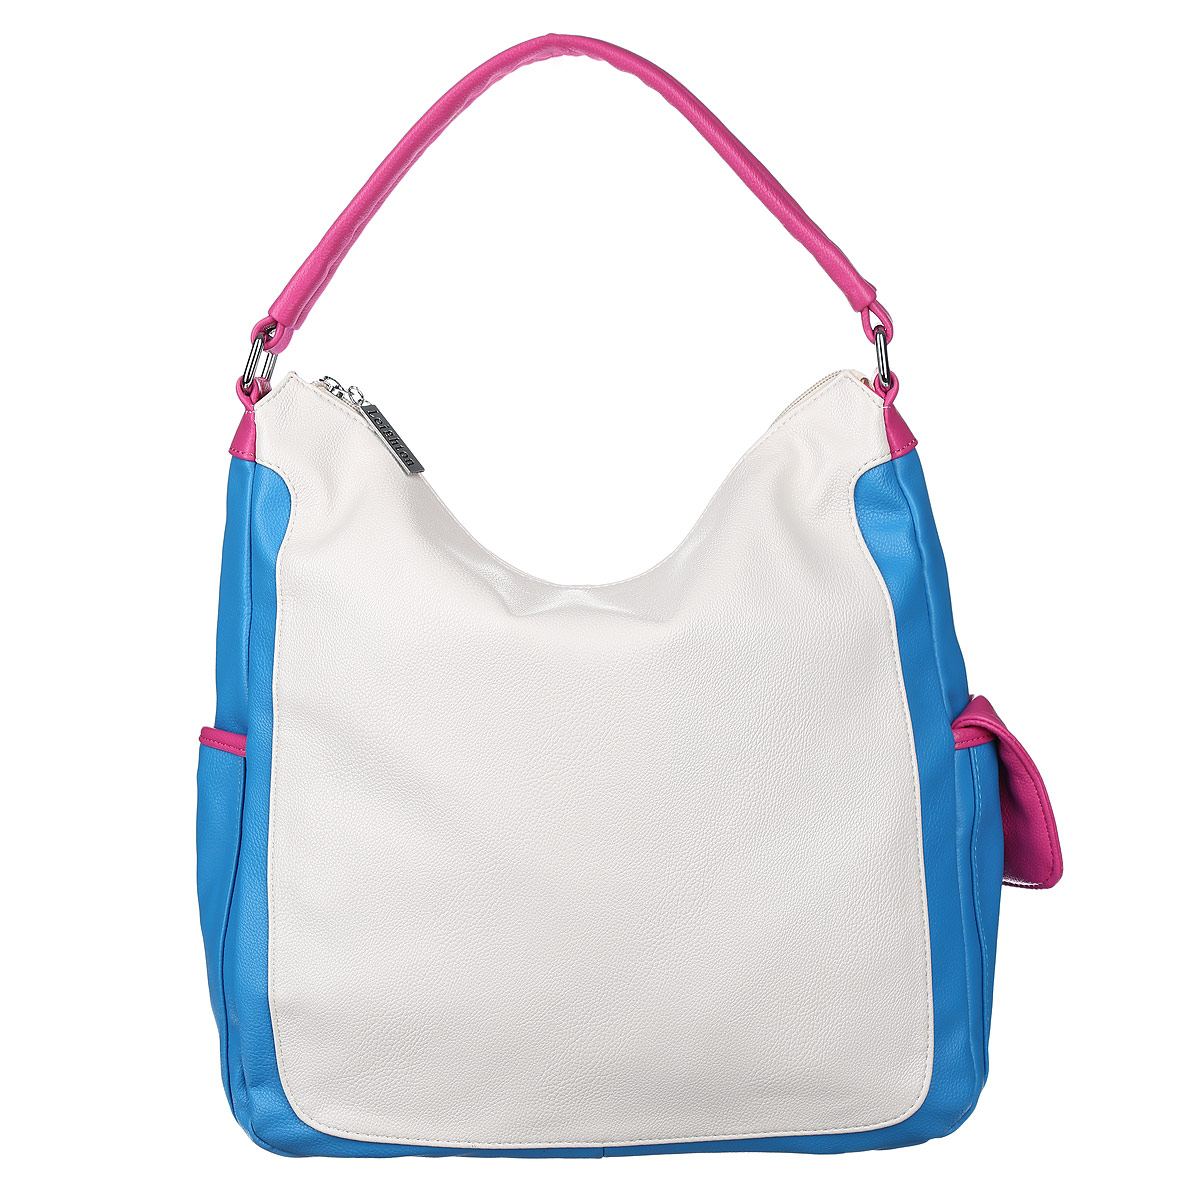 Сумка женская Leighton, цвет: белый, голубой, розовый. 10421-1070/922/1070/707/1S76245Стильная женская сумка Leighton выполнена из высококачественной искусственной кожи с отделкой контрастного цвета.Сумка имеет одно вместительное отделение, закрывающееся на застежку-молнию. Внутри располагается вшитый карман на застежке-молнии, образующий дополнительное малое отделение, а также два открытых кармана для мелочей и один прорезной карман на молнии. С внешней стороны на задней стенке расположен карман на молнии. По бокам сумки расположены дополнительные карманы, которые застегиваются на магнитные кнопки.Сумка имеет одну ручку. Фурнитура - серебристого цвета. Сумка - это стильный аксессуар, который подчеркнет вашу индивидуальность и сделает ваш образ завершенным. Классическое цветовое сочетание, стильный декор, модный дизайн - прекрасное дополнение к гардеробу модницы.